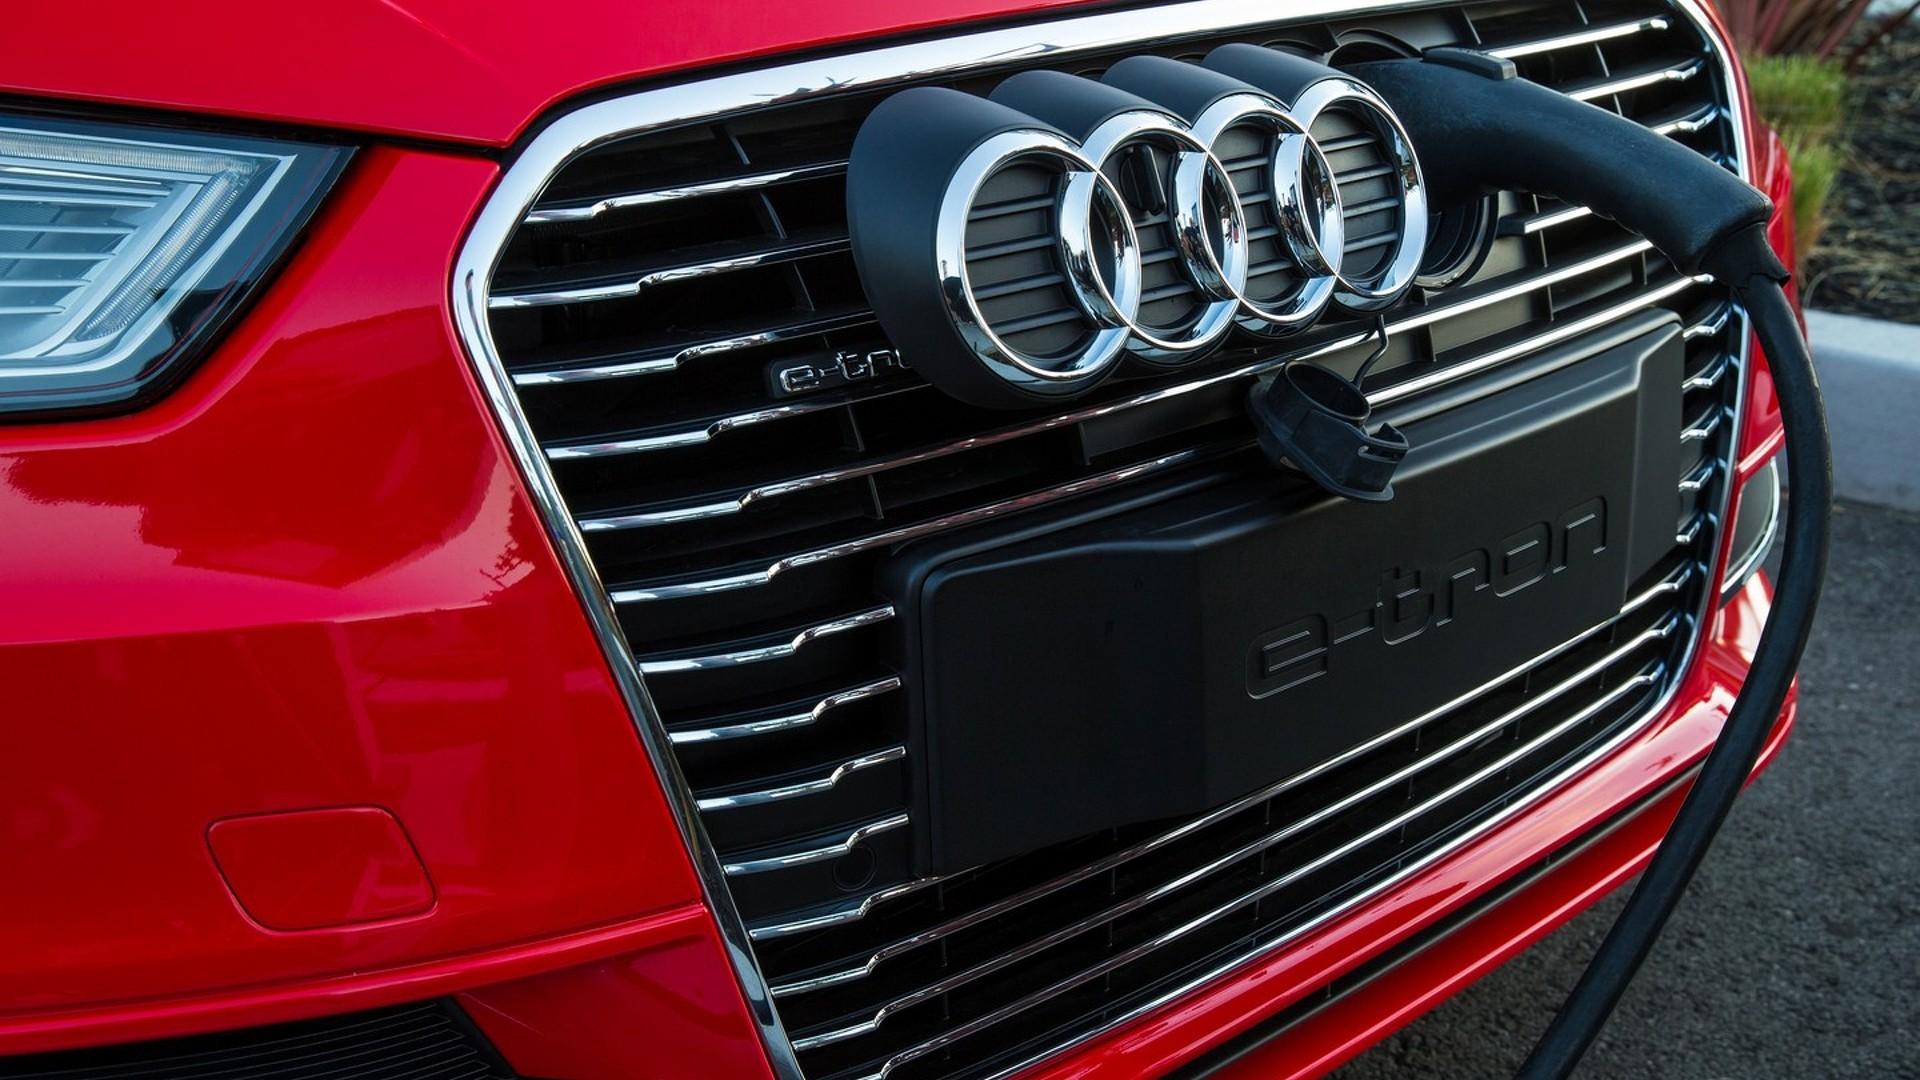 First Drive: 2016 Audi A3 Sportback E-tron